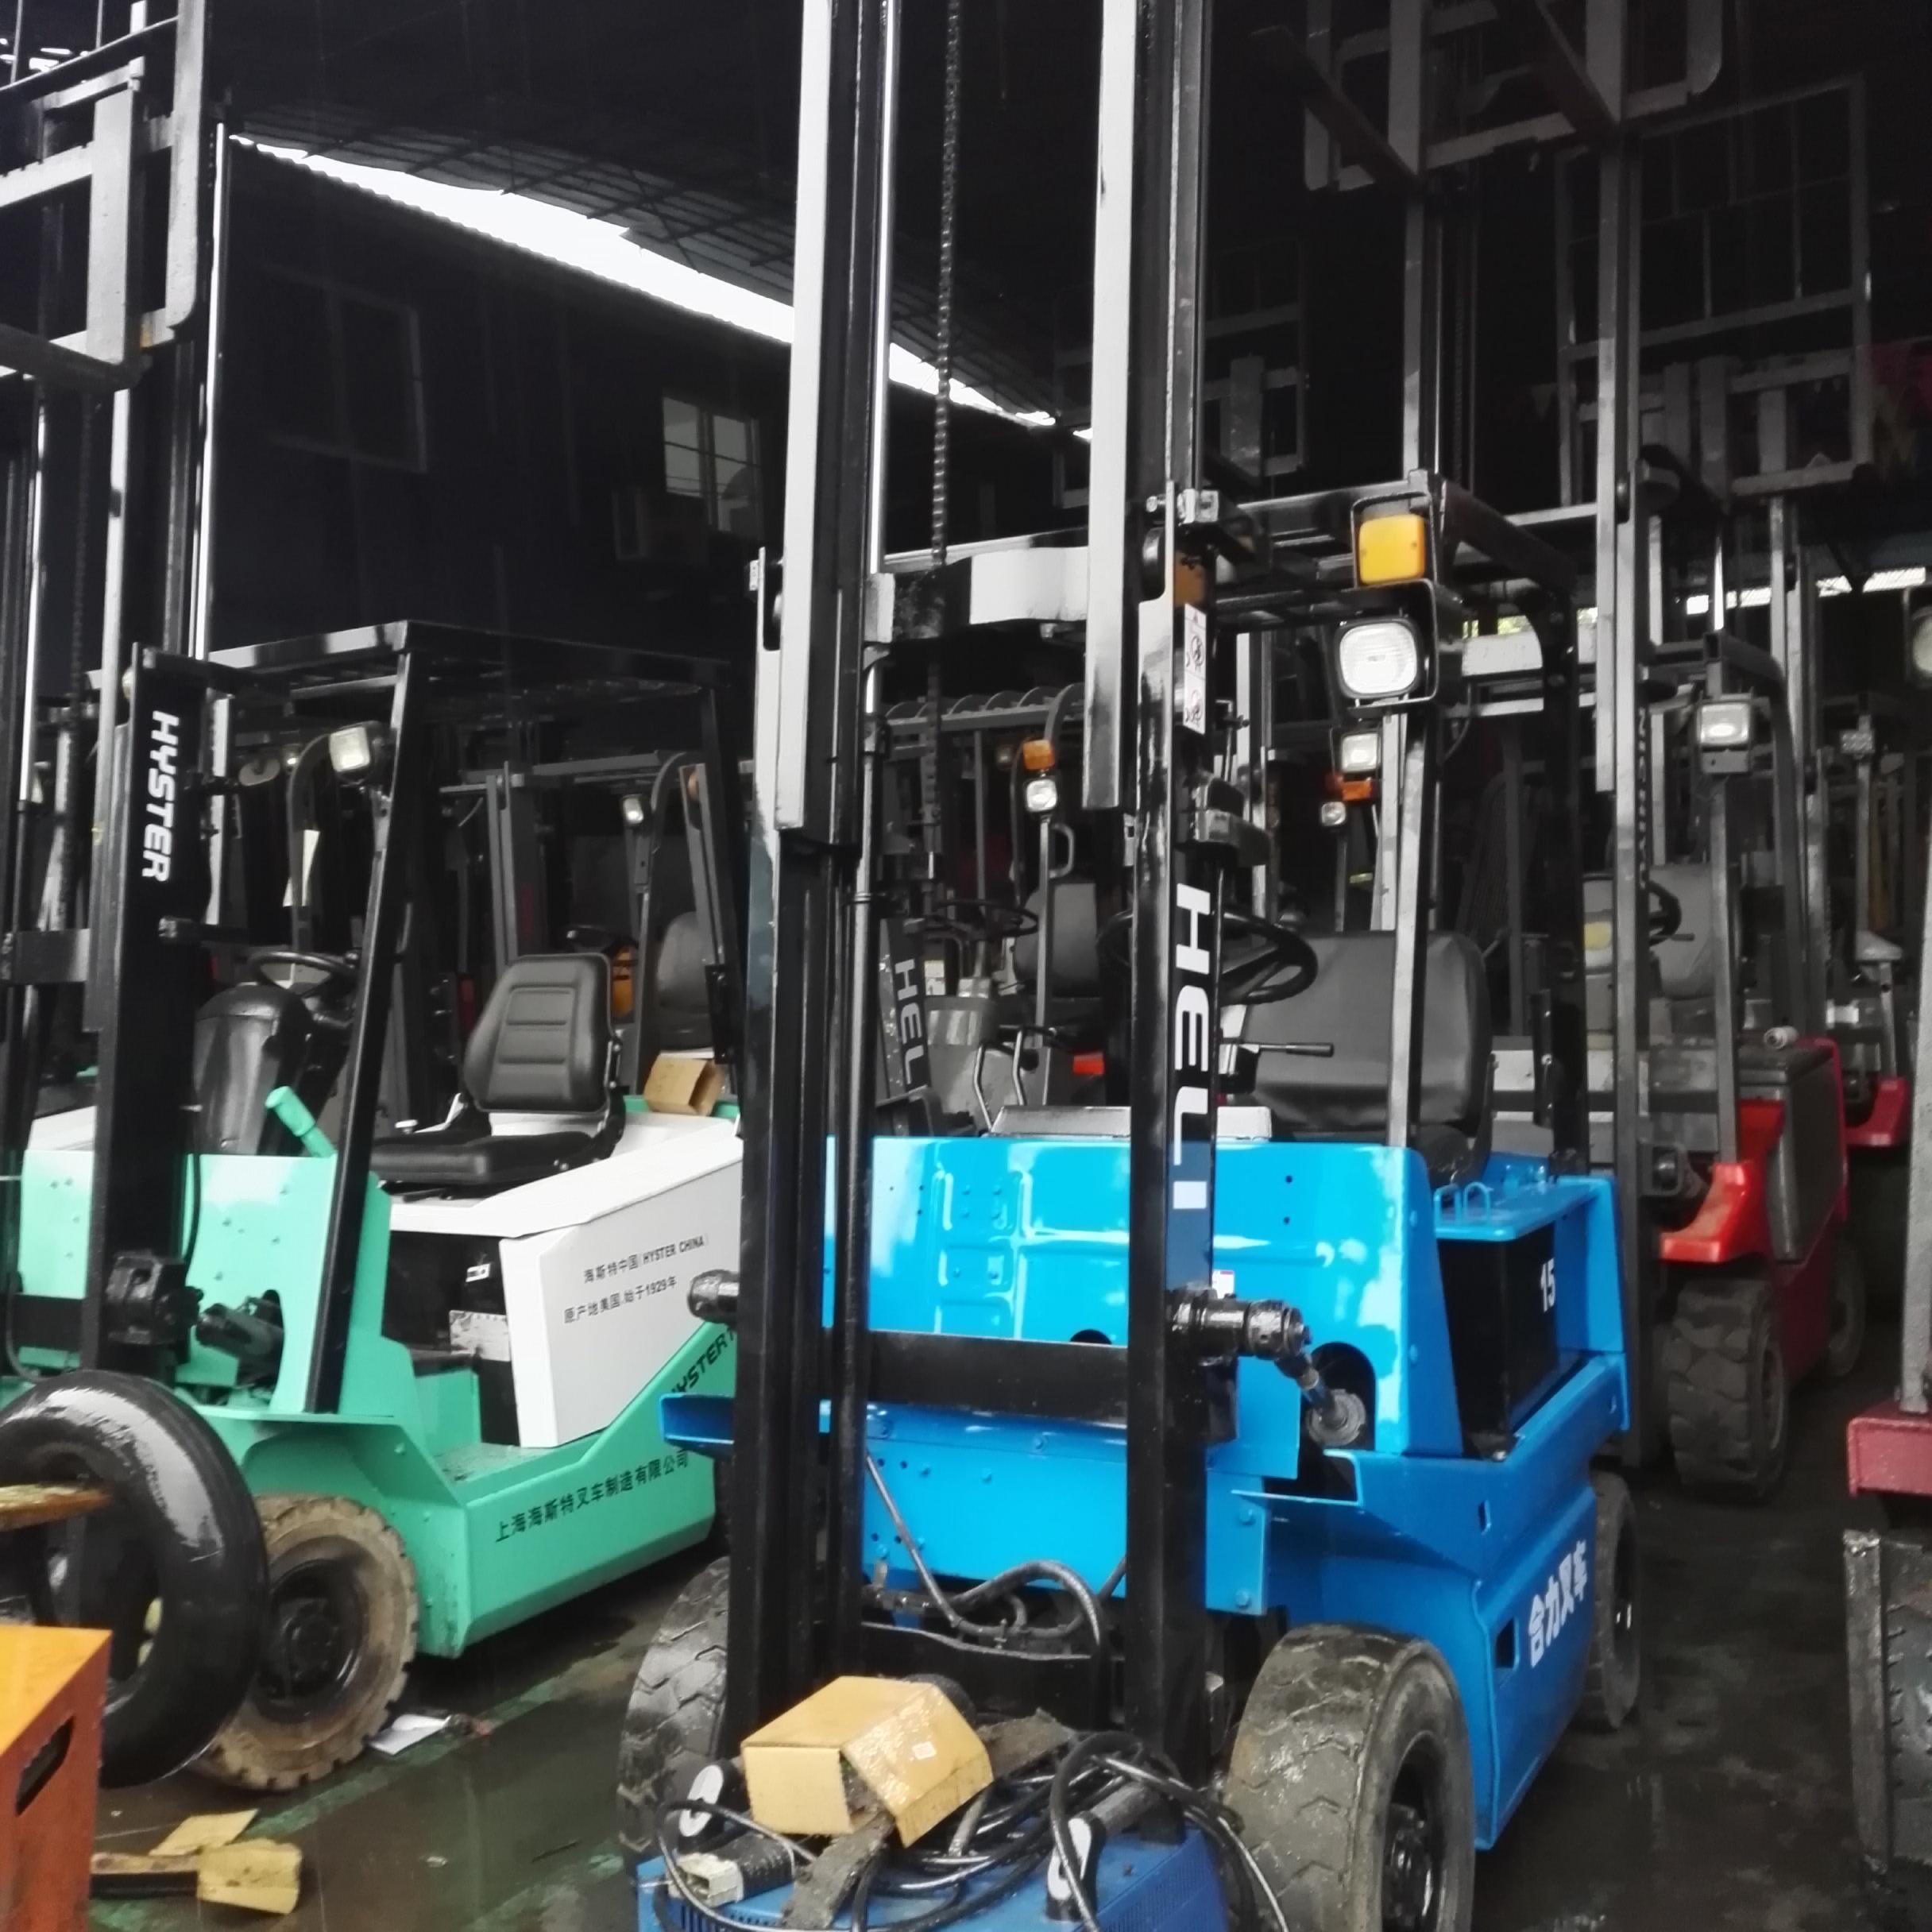 常州二手电瓶叉车  电动叉车 江苏二手电瓶叉车销售 上海二手10吨叉车 江苏二手电瓶叉车  电动叉车